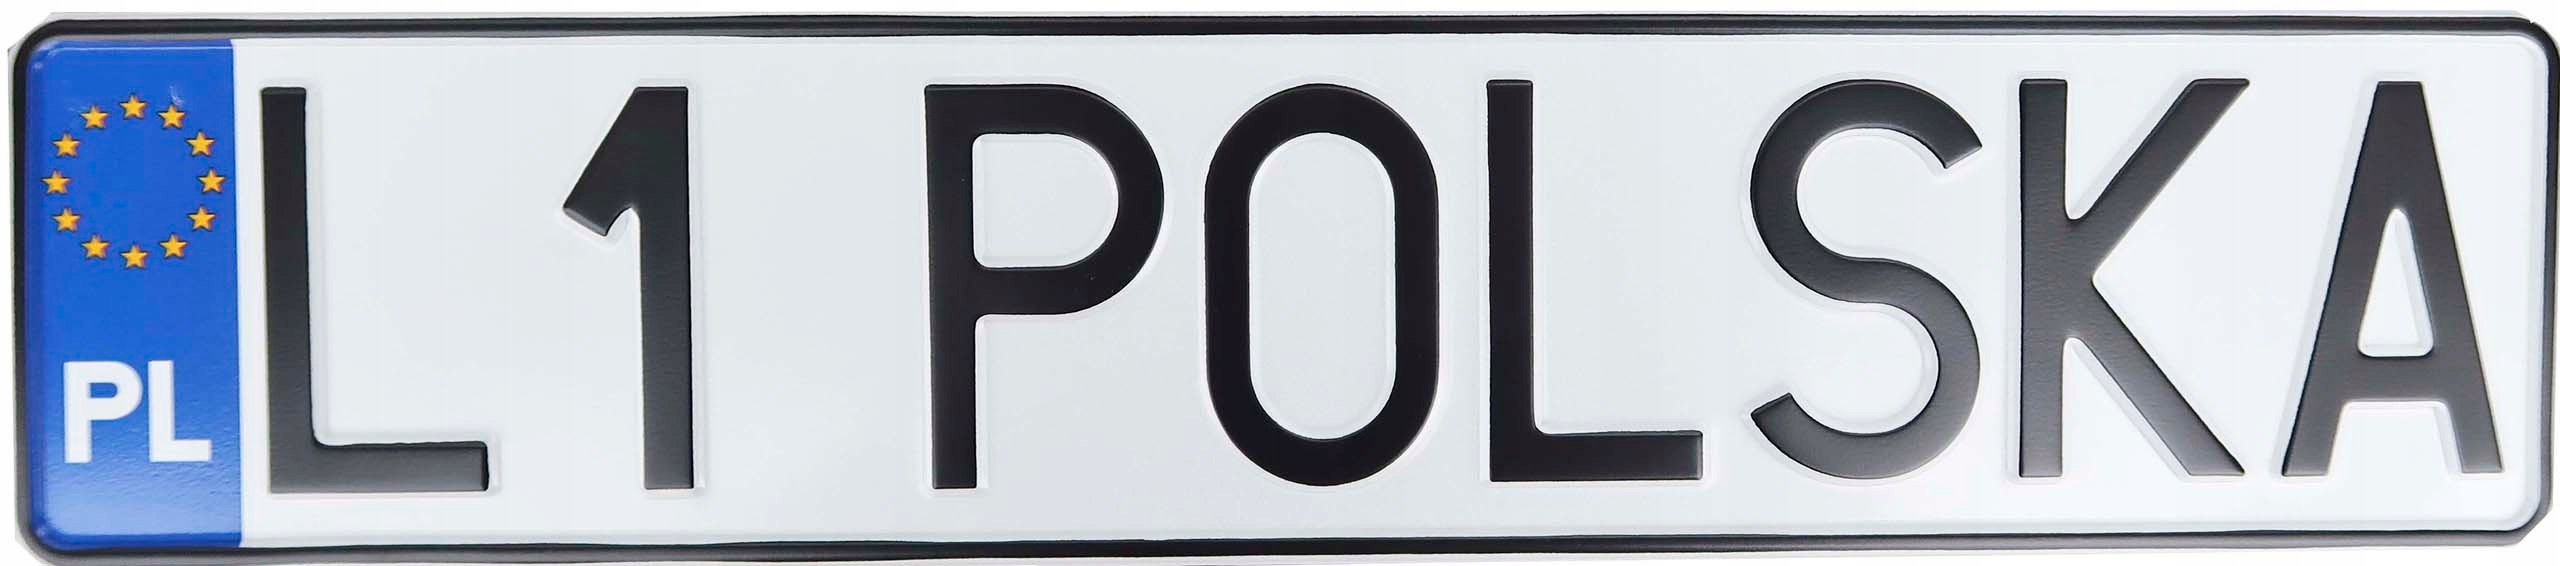 Польский номерной знак для регистрационной рамки.